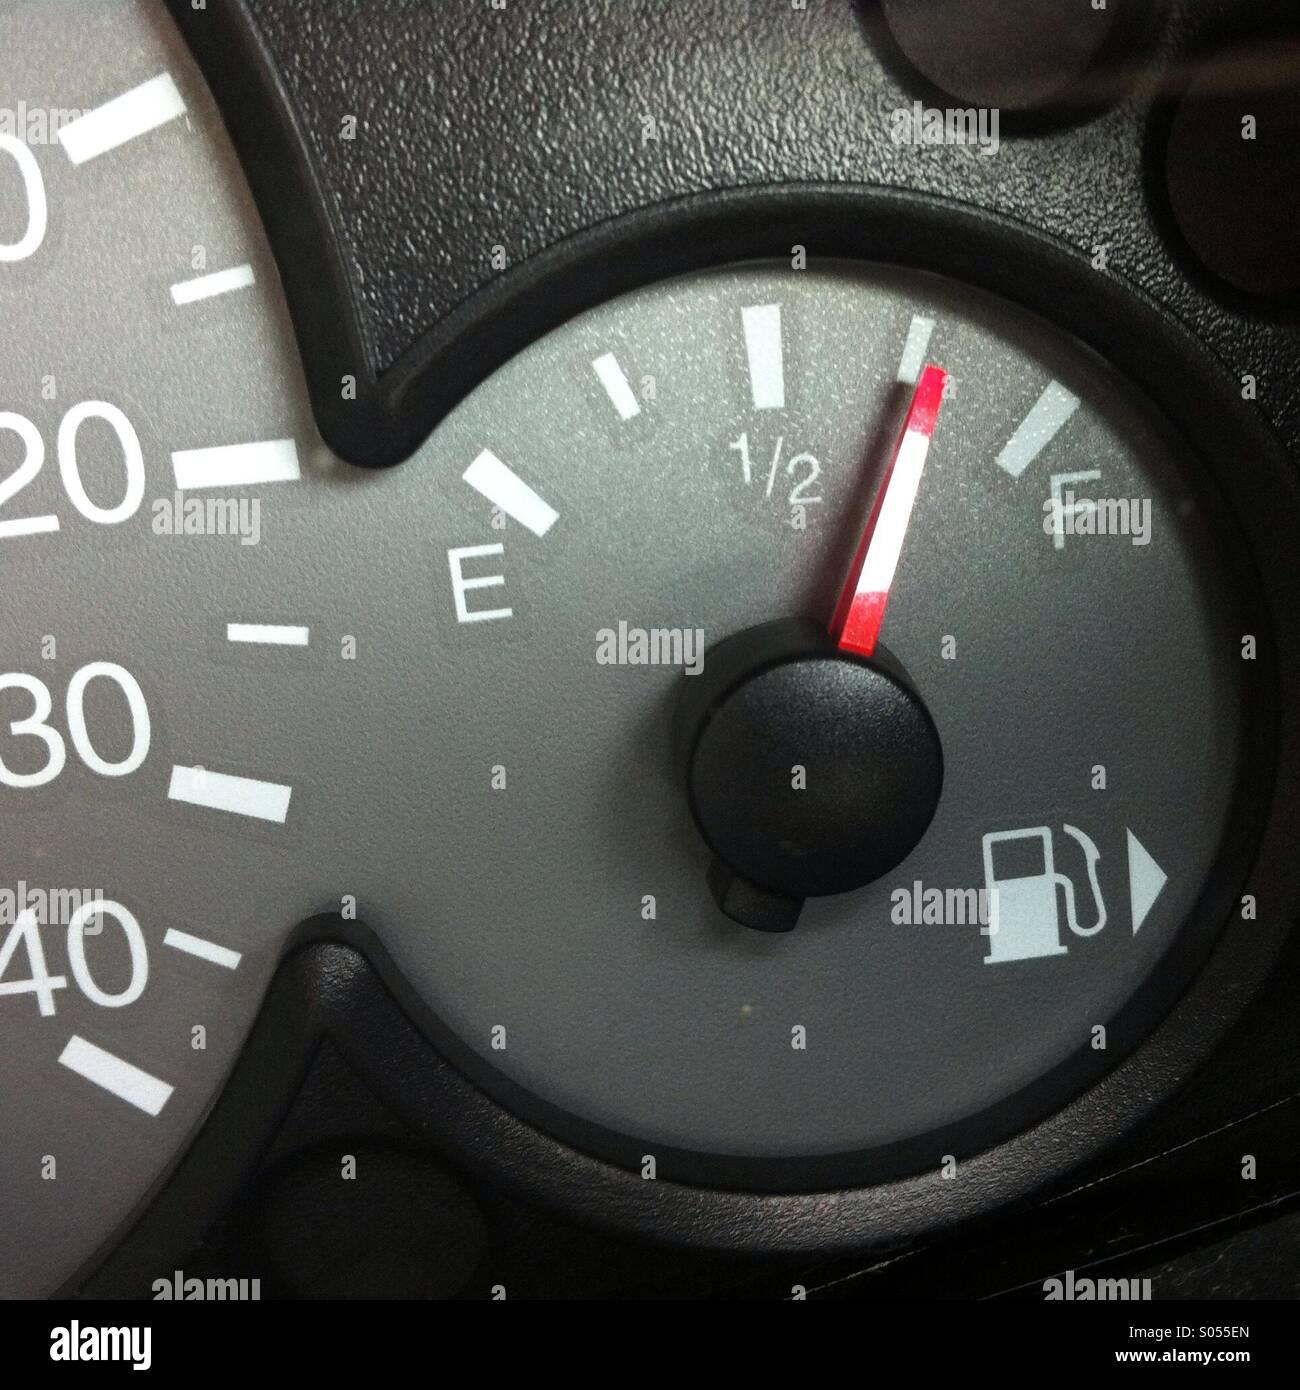 Indicatore livello carburante Immagini Stock